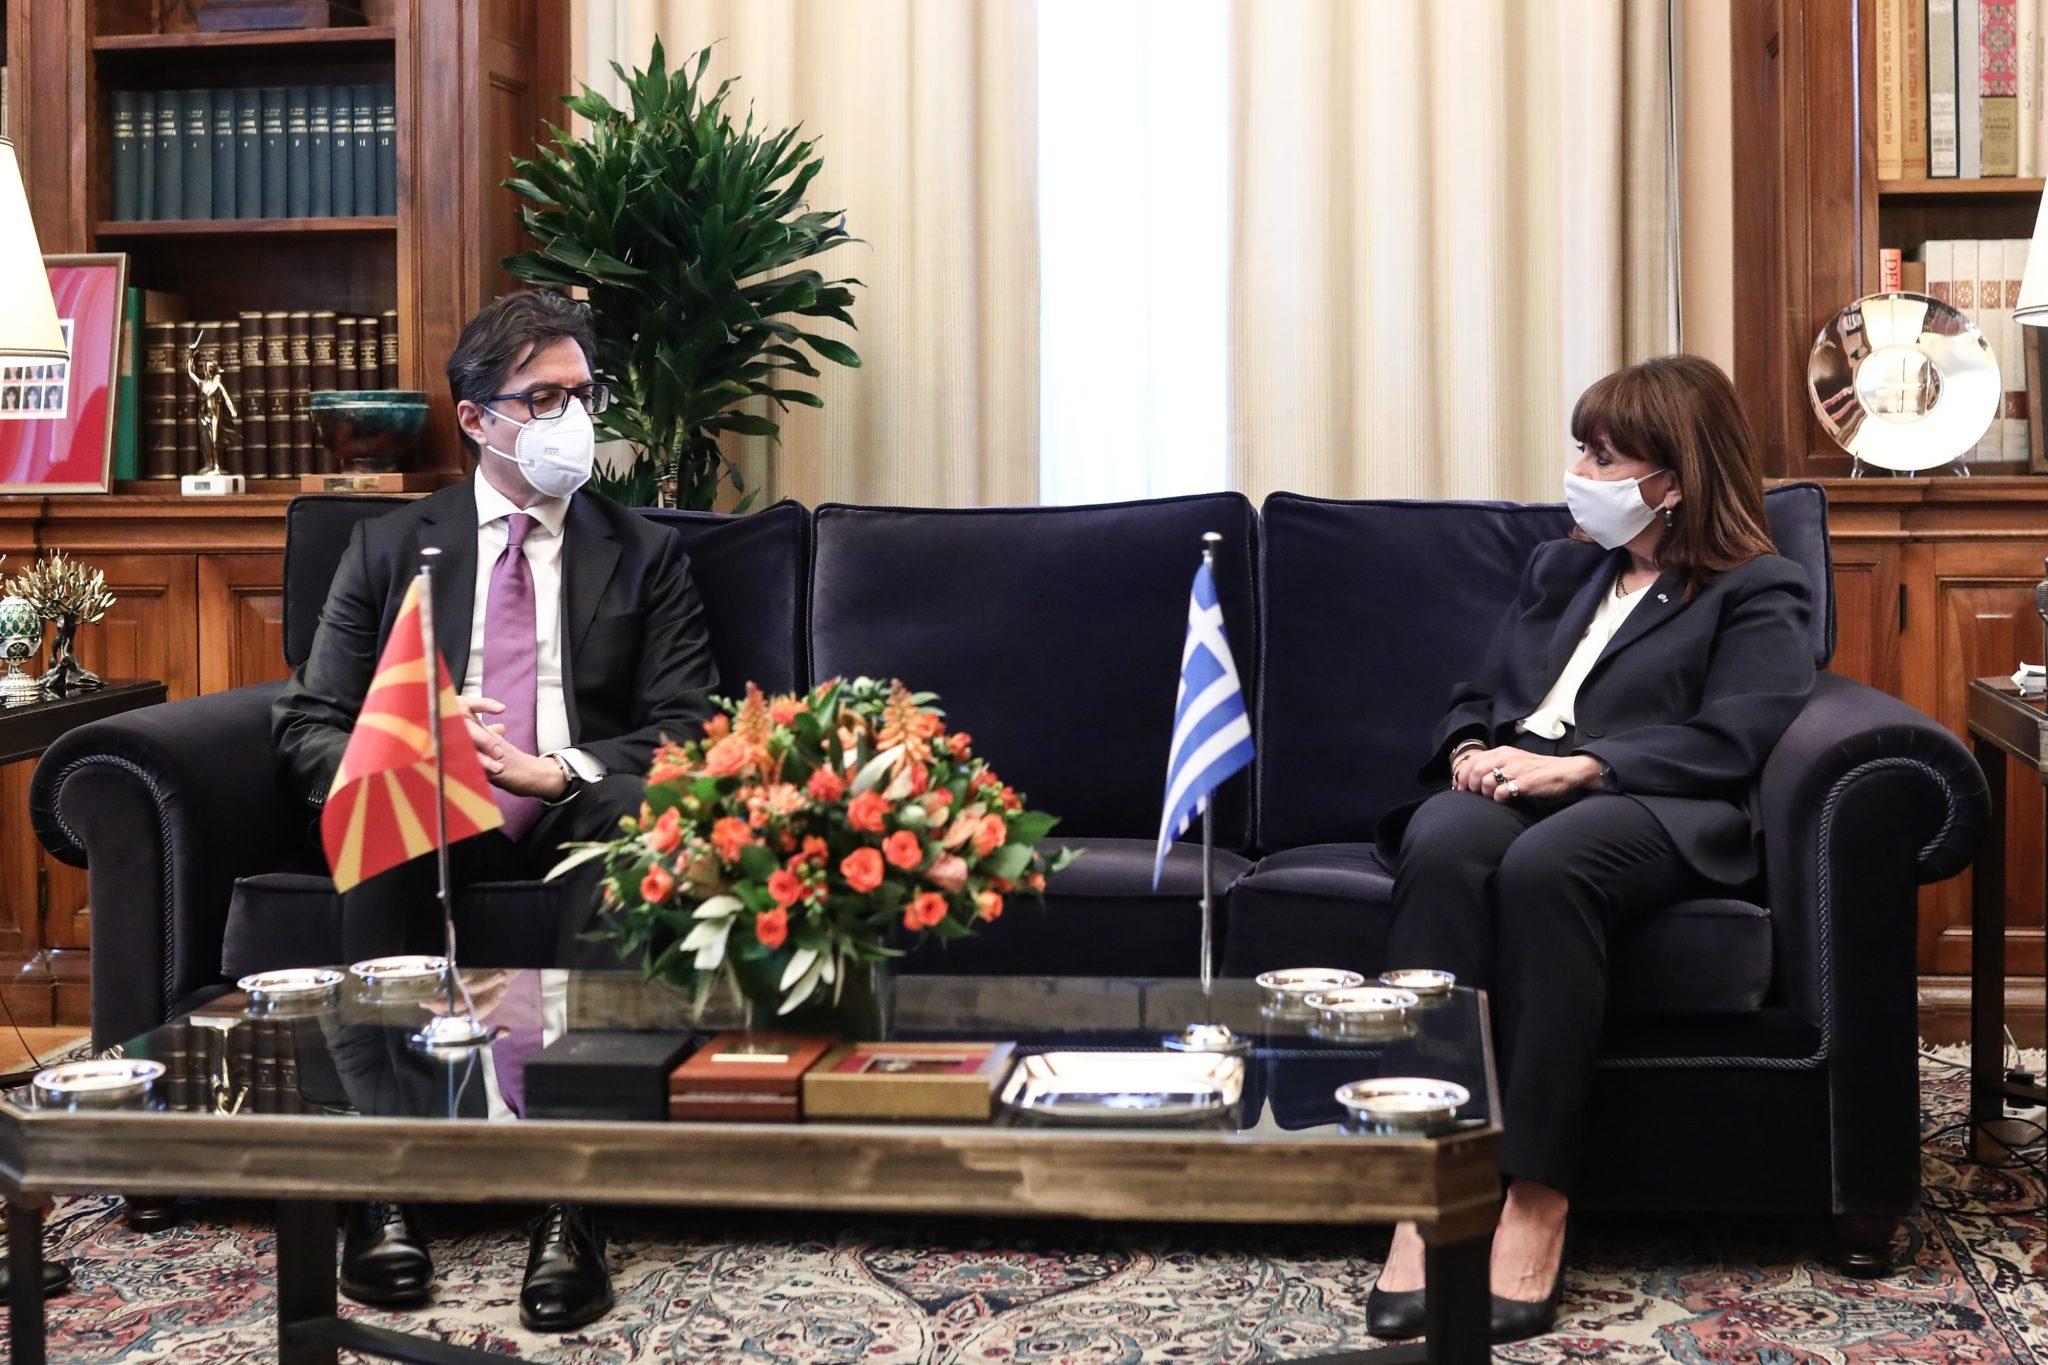 Κατ. Σακελλαροπούλου: Η συνεπής εφαρμογή της Συμφωνίας των Πρεσπών κρίσιμη για τις διμερείς σχέσεις με τη Βόρεια Μακεδονία